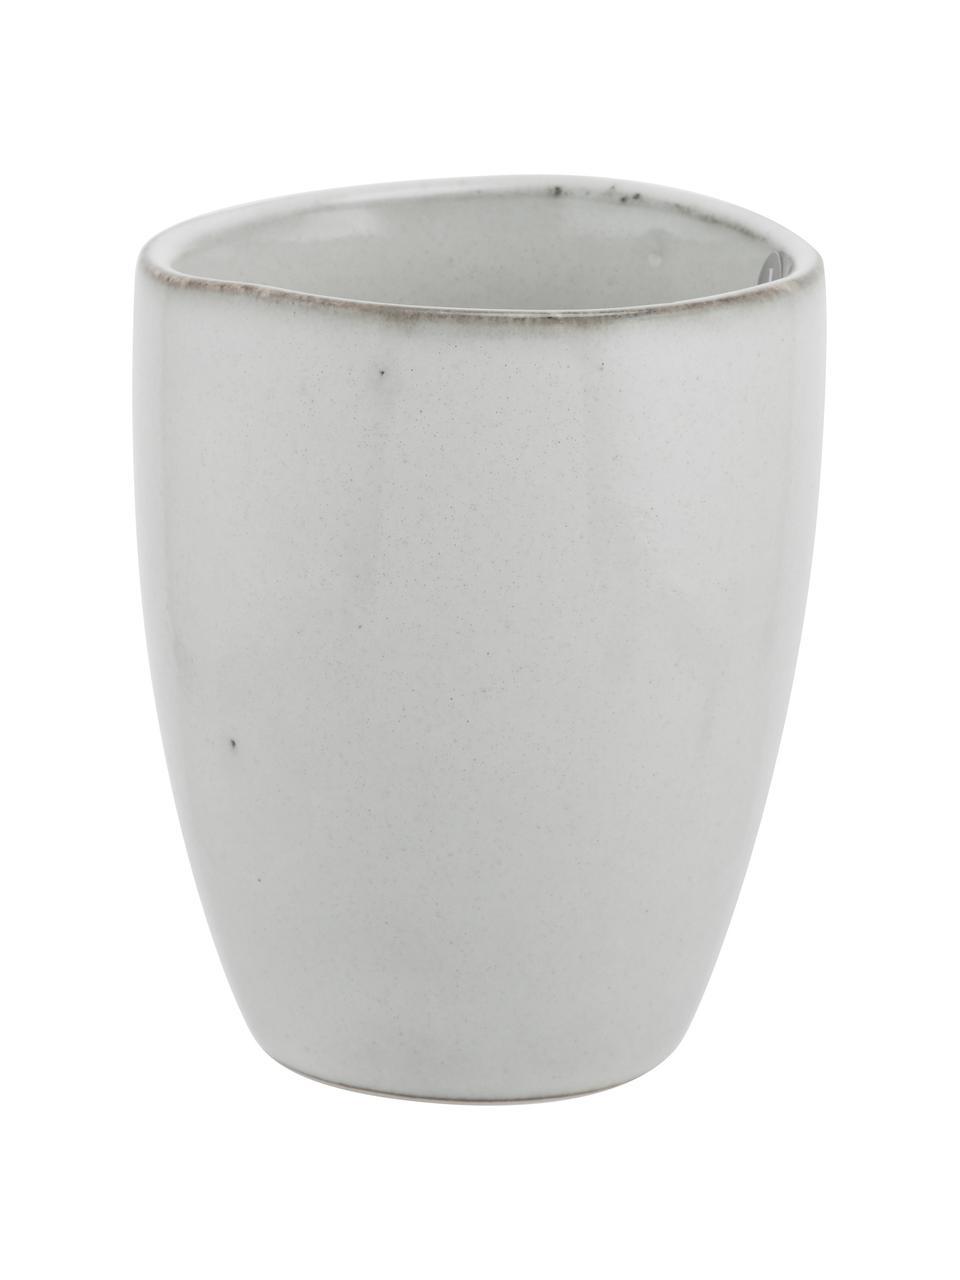 Handgemachte Becher Nordic Sand aus Steingut, 6 Stück, Steingut, Sand, Ø 8 x H 10 cm